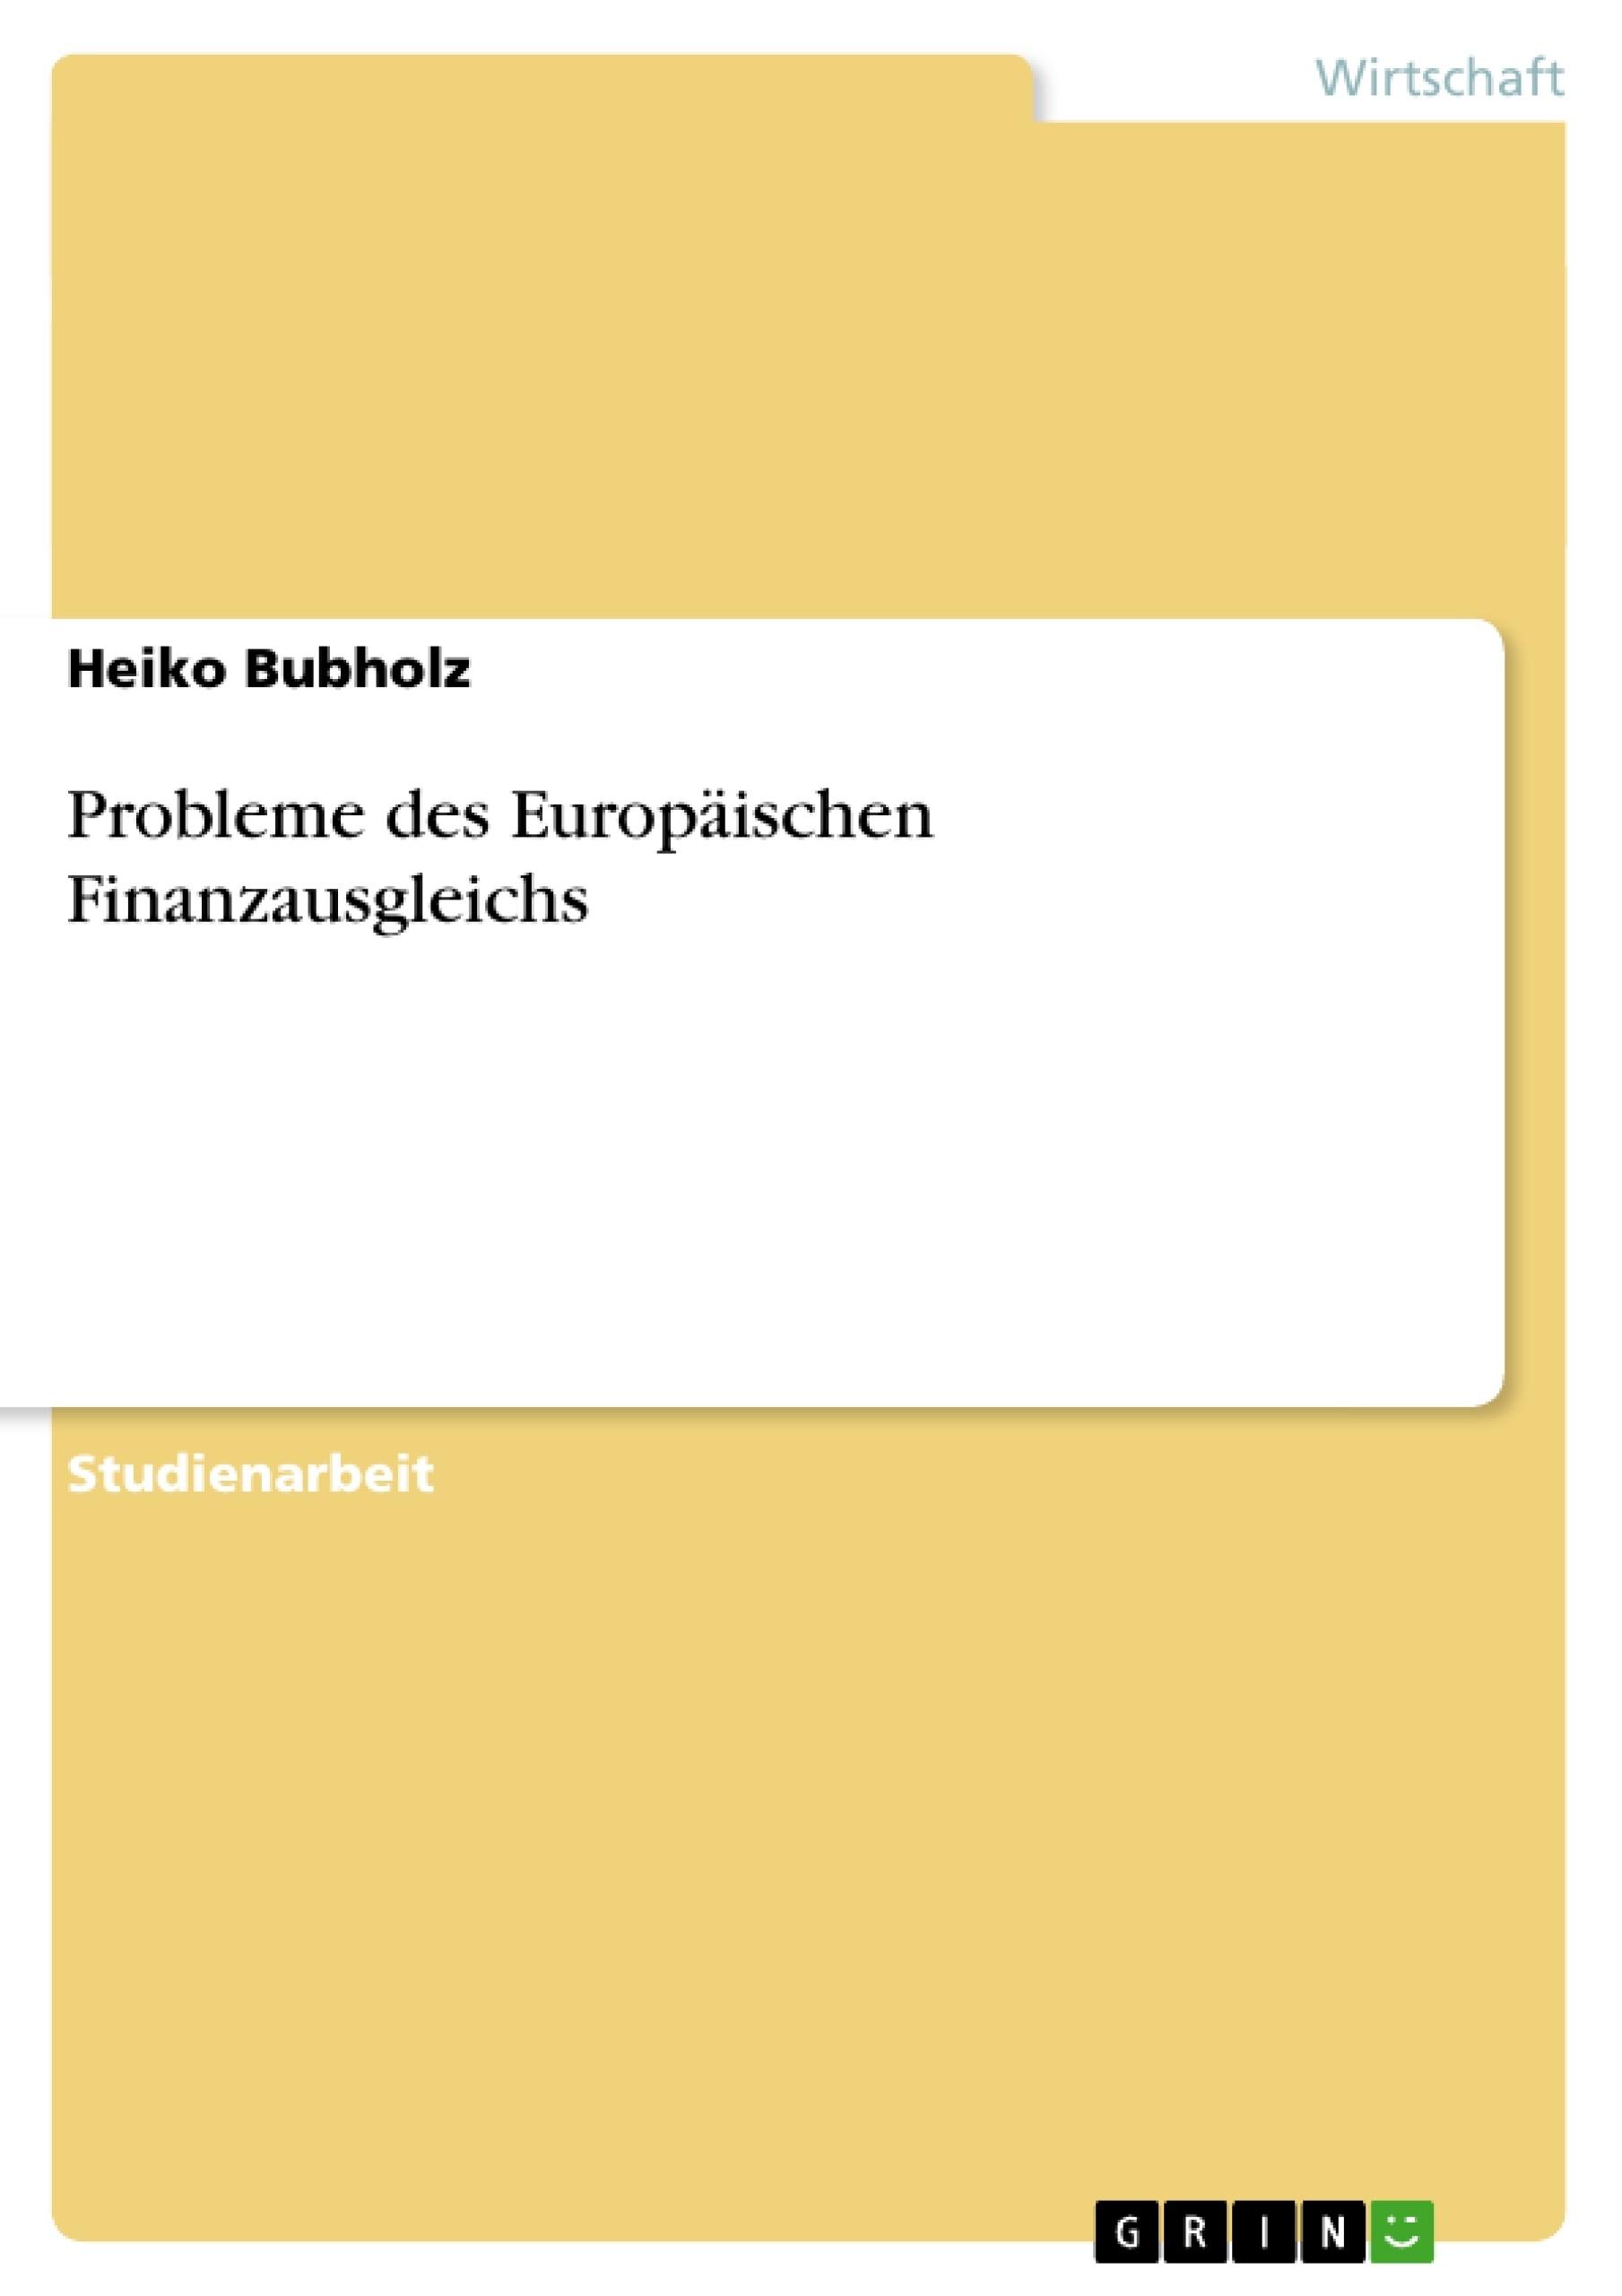 Titel: Probleme des Europäischen Finanzausgleichs